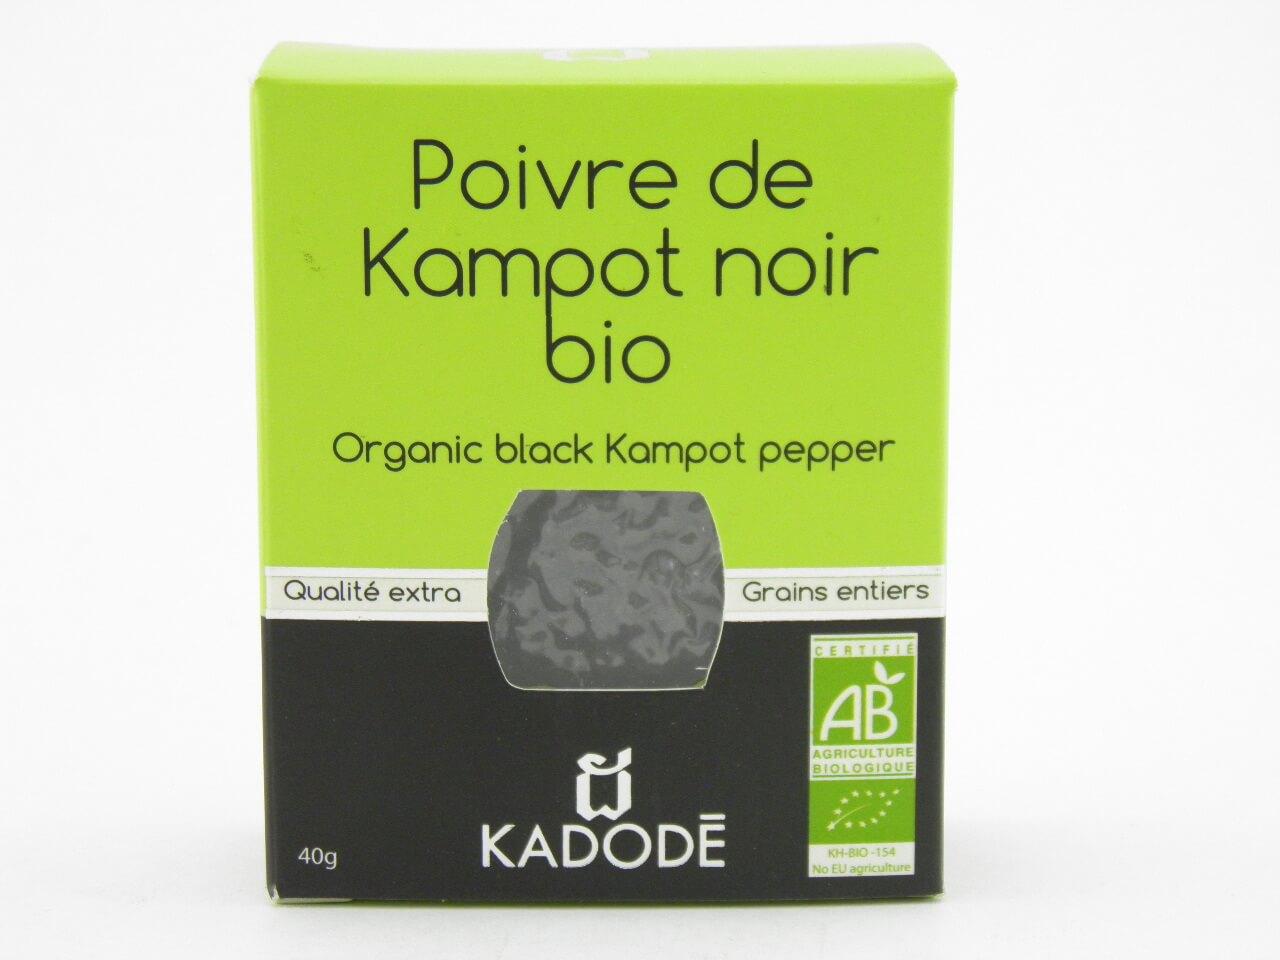 Перец фермы Farm Link реализуется под брендом KADODĒ Kampot Pepper